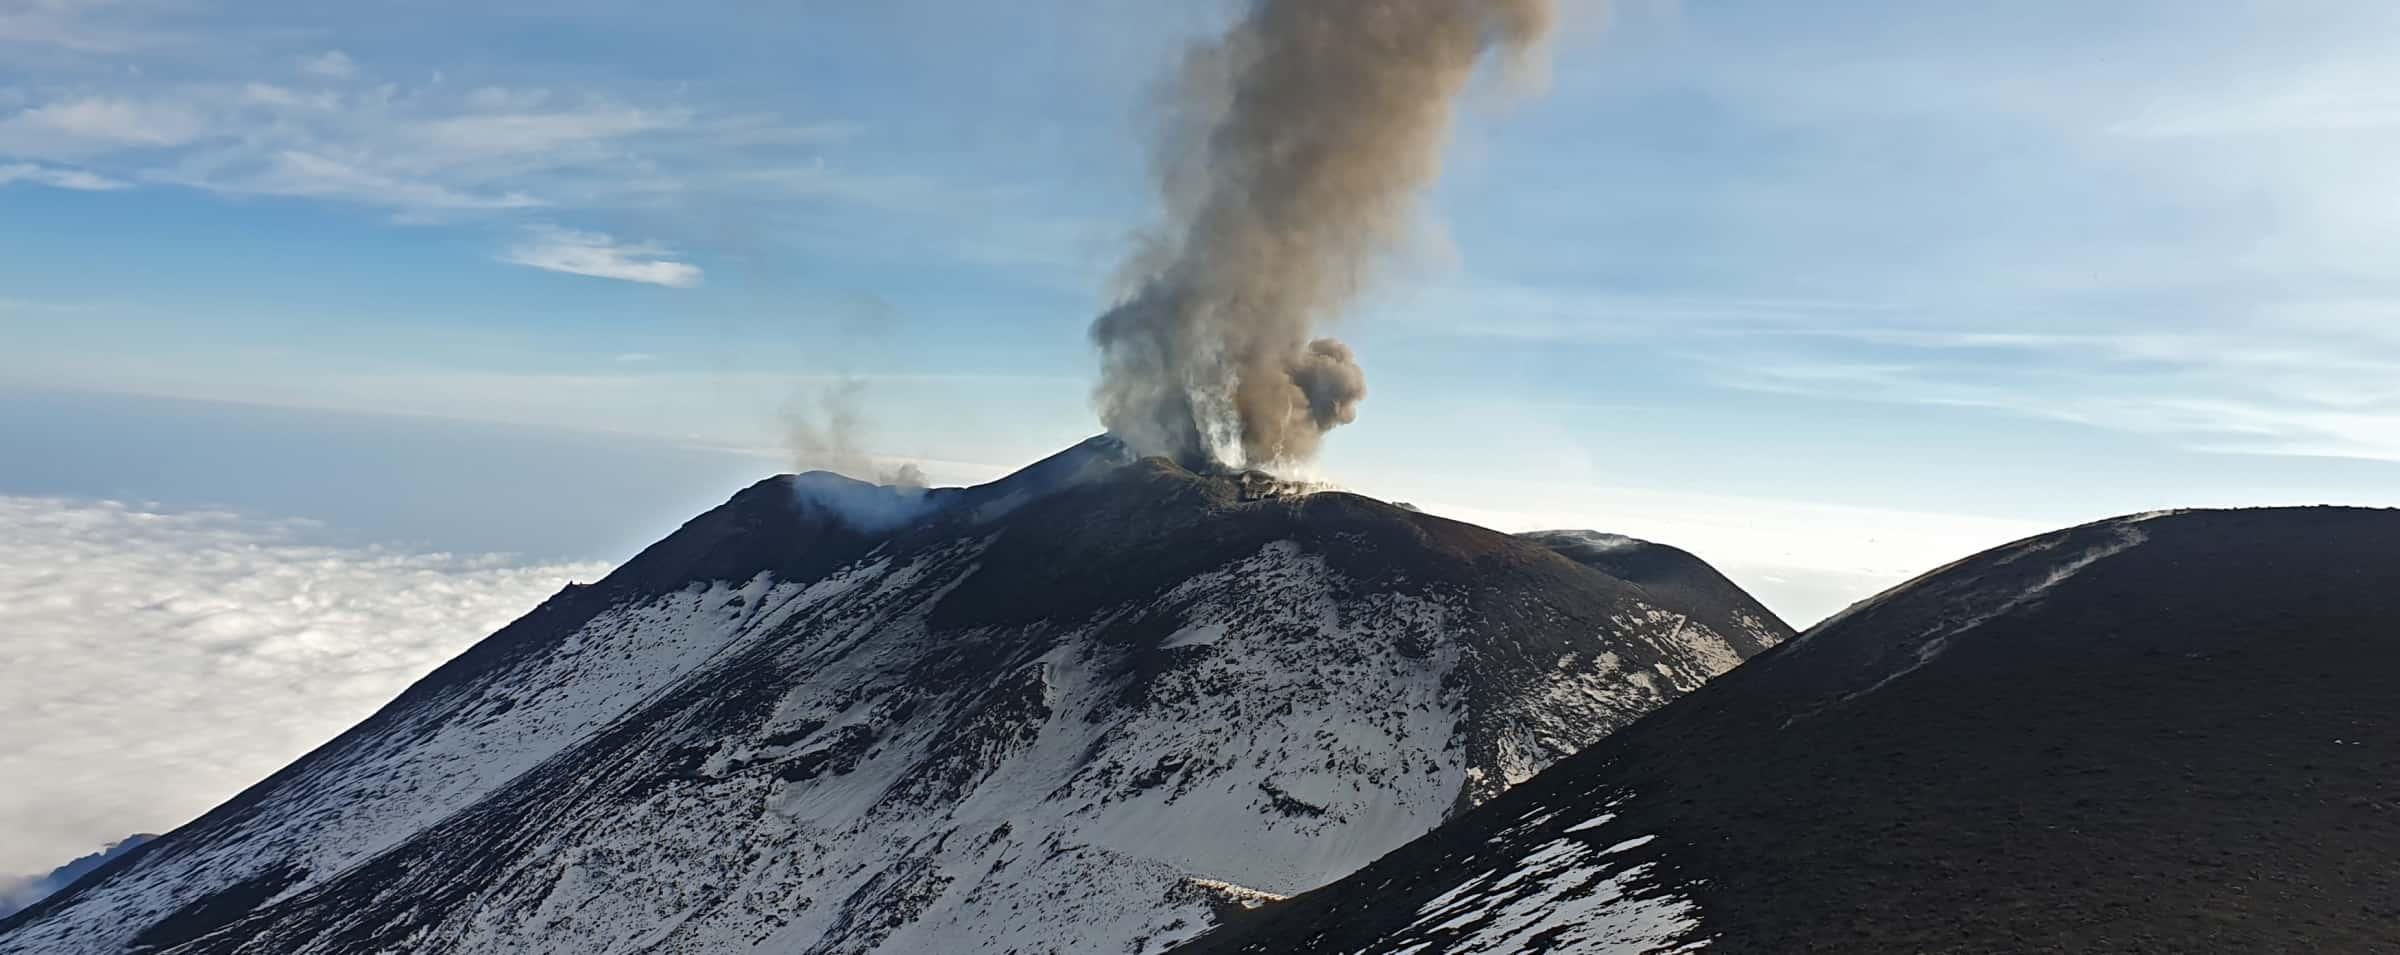 Crateri sommitali Etna vulcano